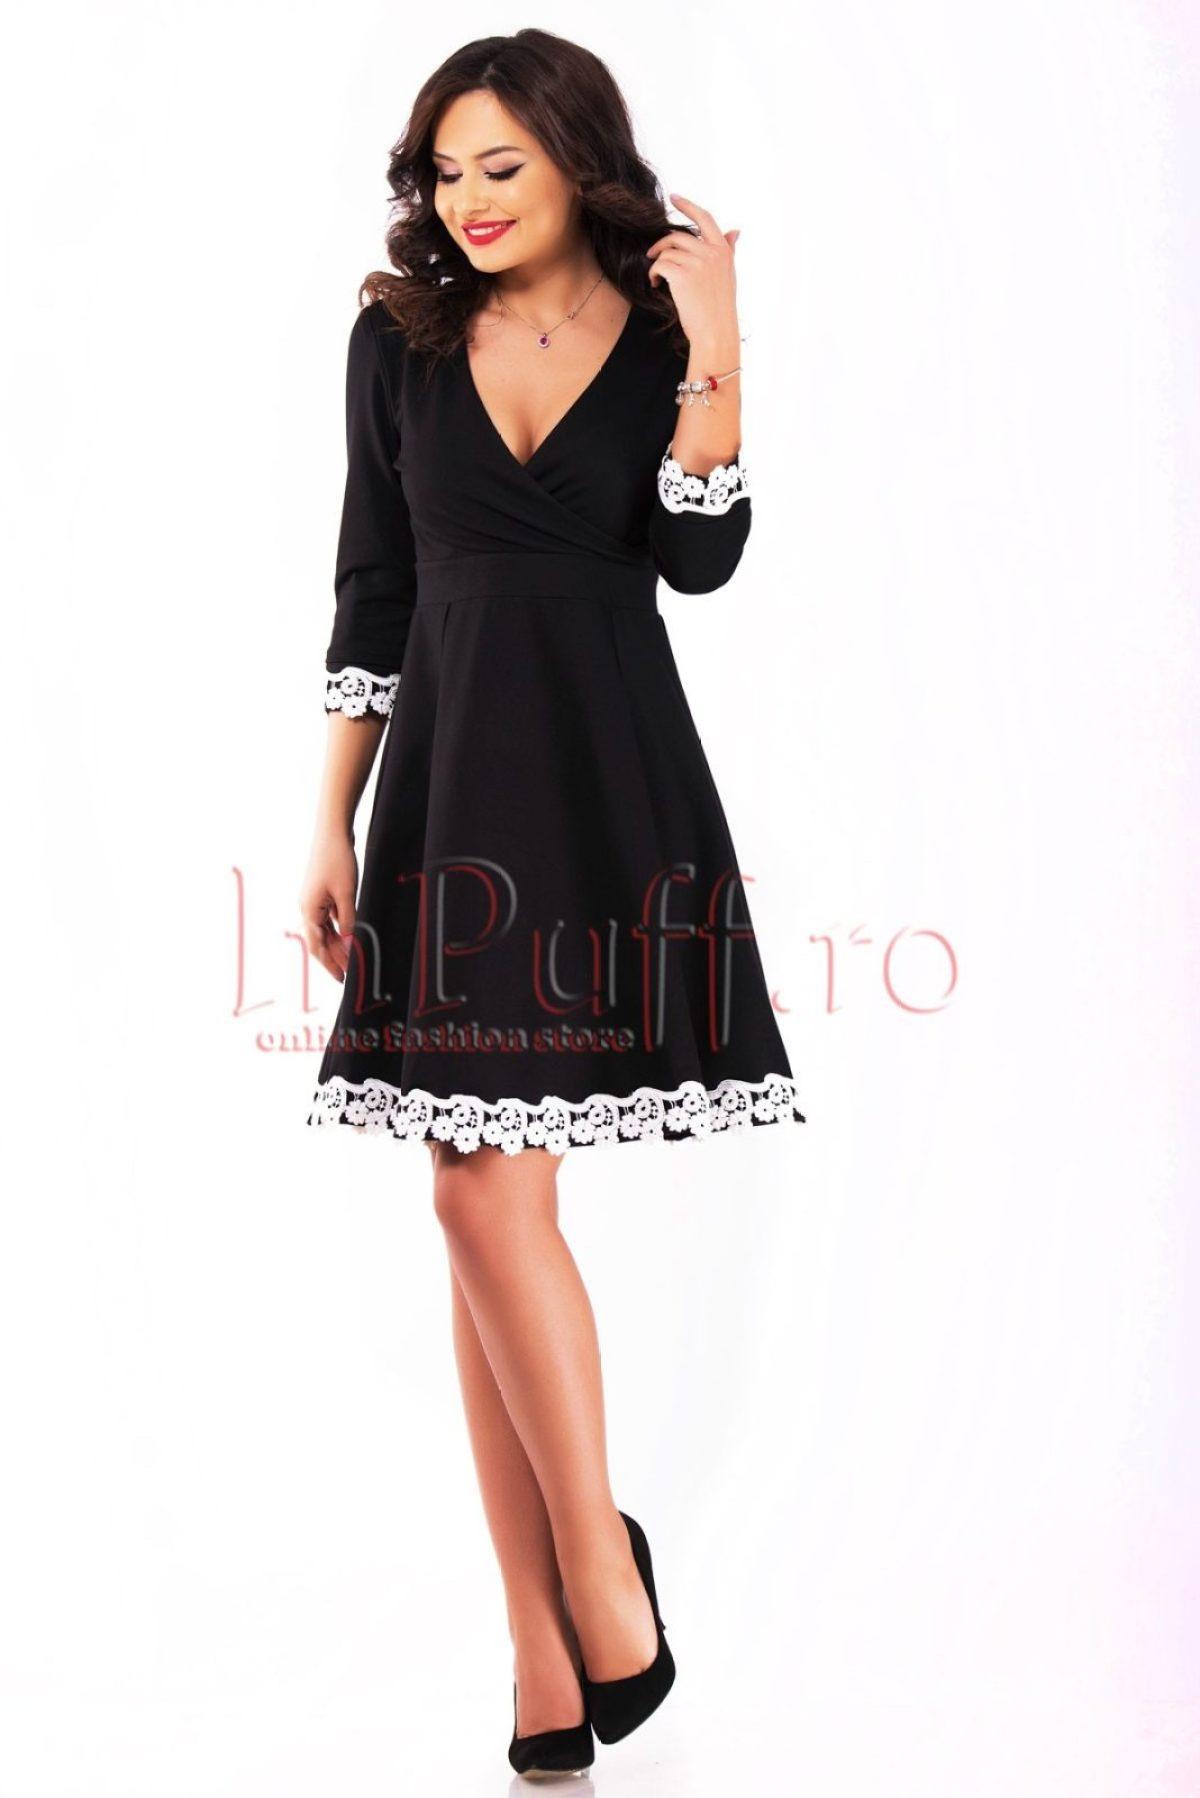 rochie-eleganta-neagra-accesorizata-cu-broderie-alba-1516706858-4